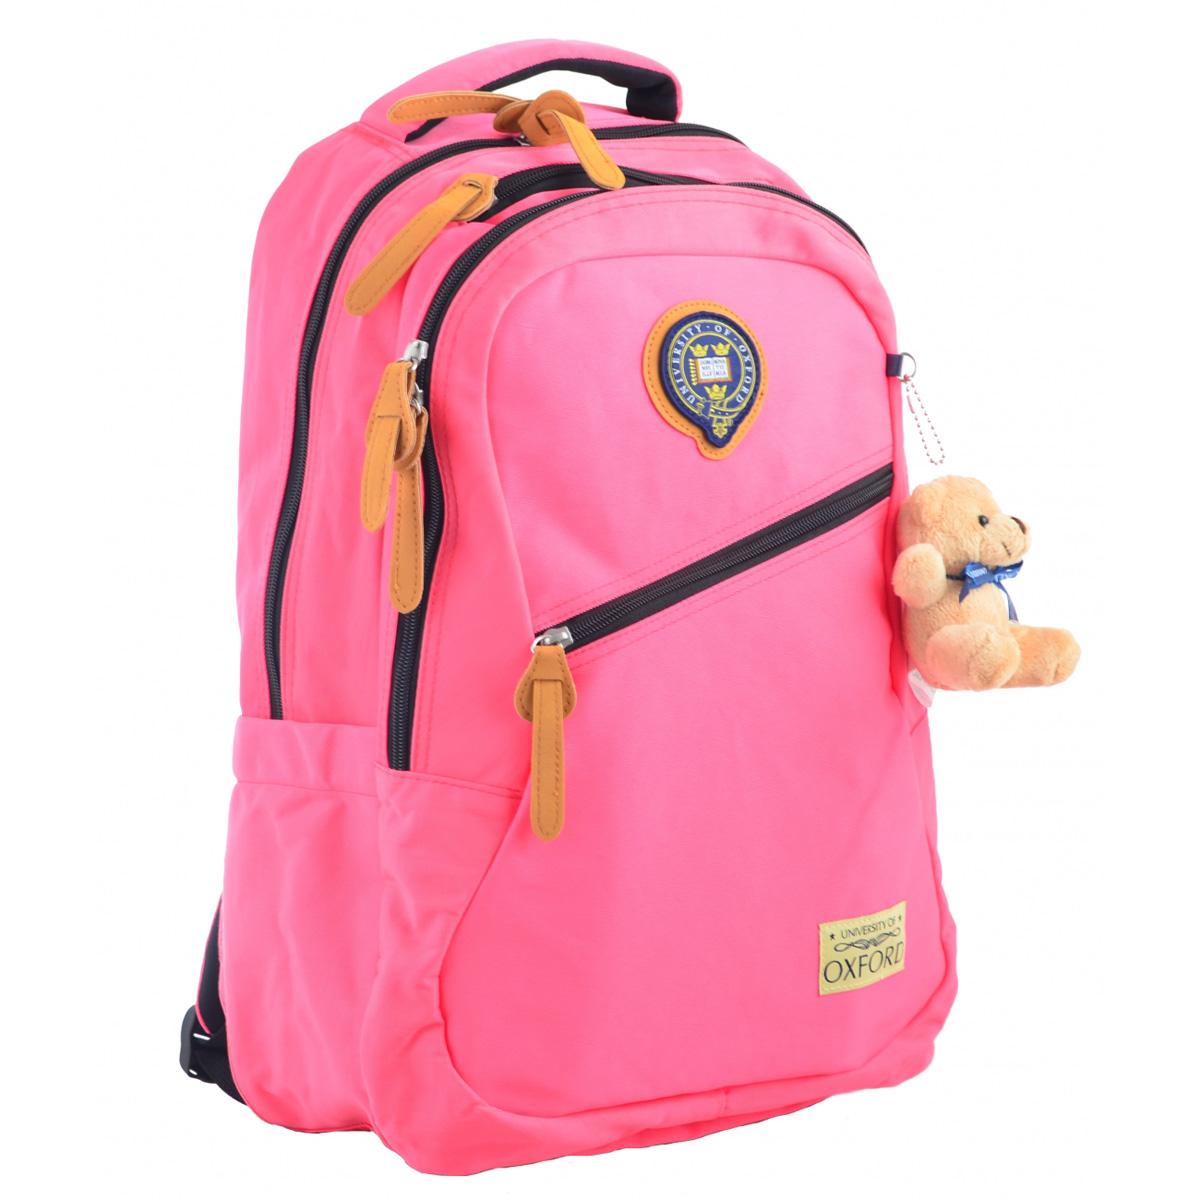 Рюкзак молодежный OX 405, 47*31*12.5, розовый